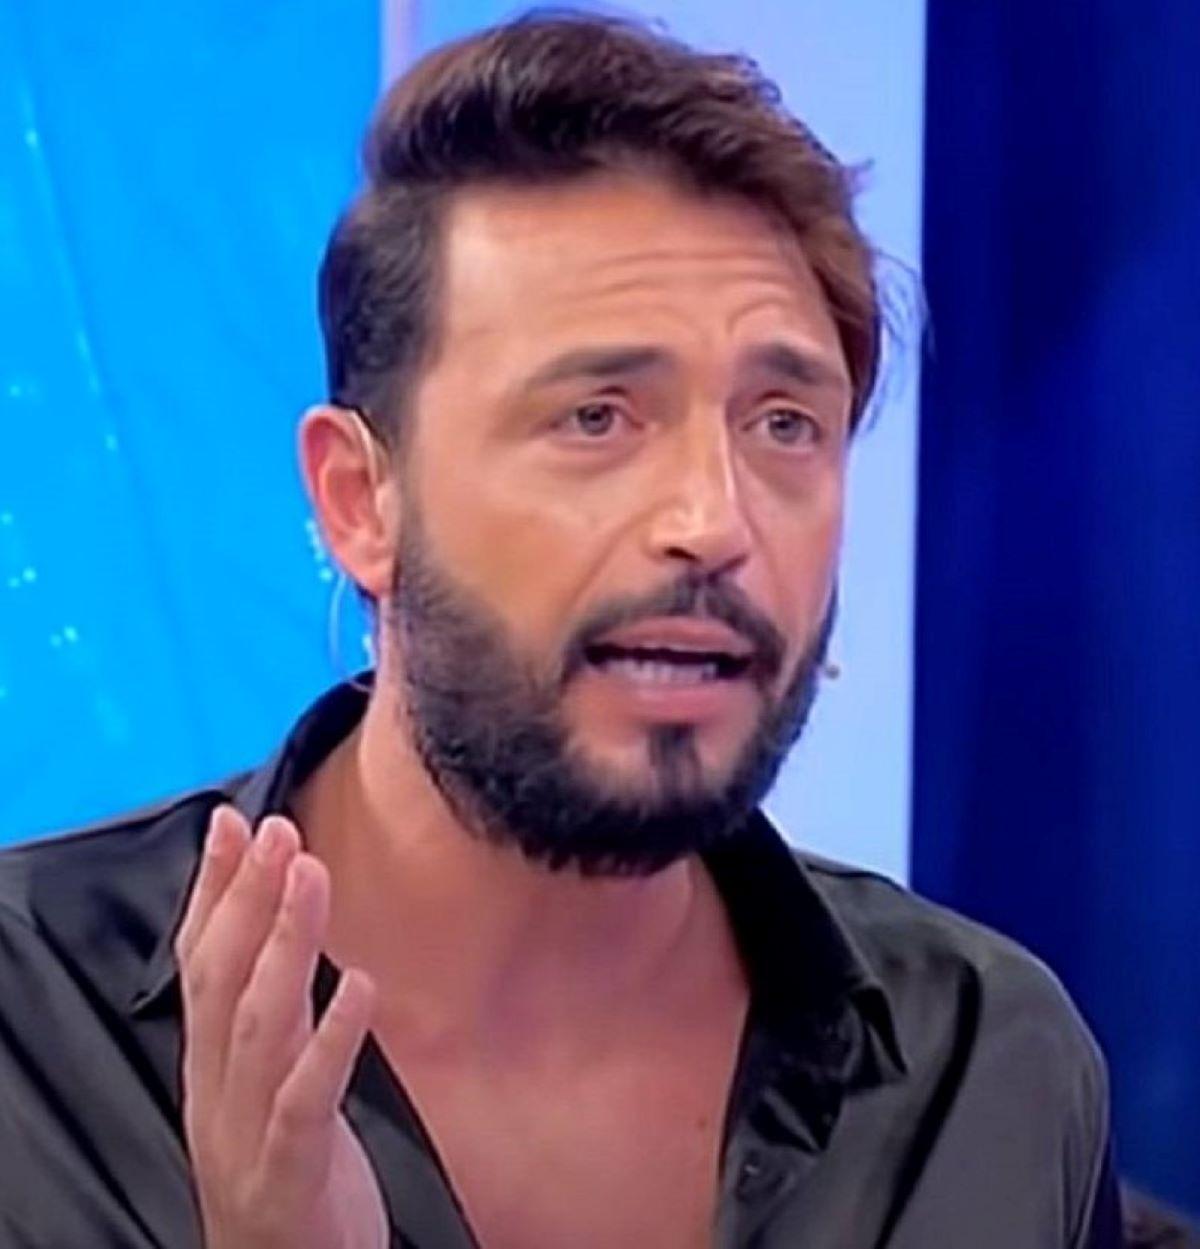 Armando Incarnato Uomini e Donne Critiche Cambio Look